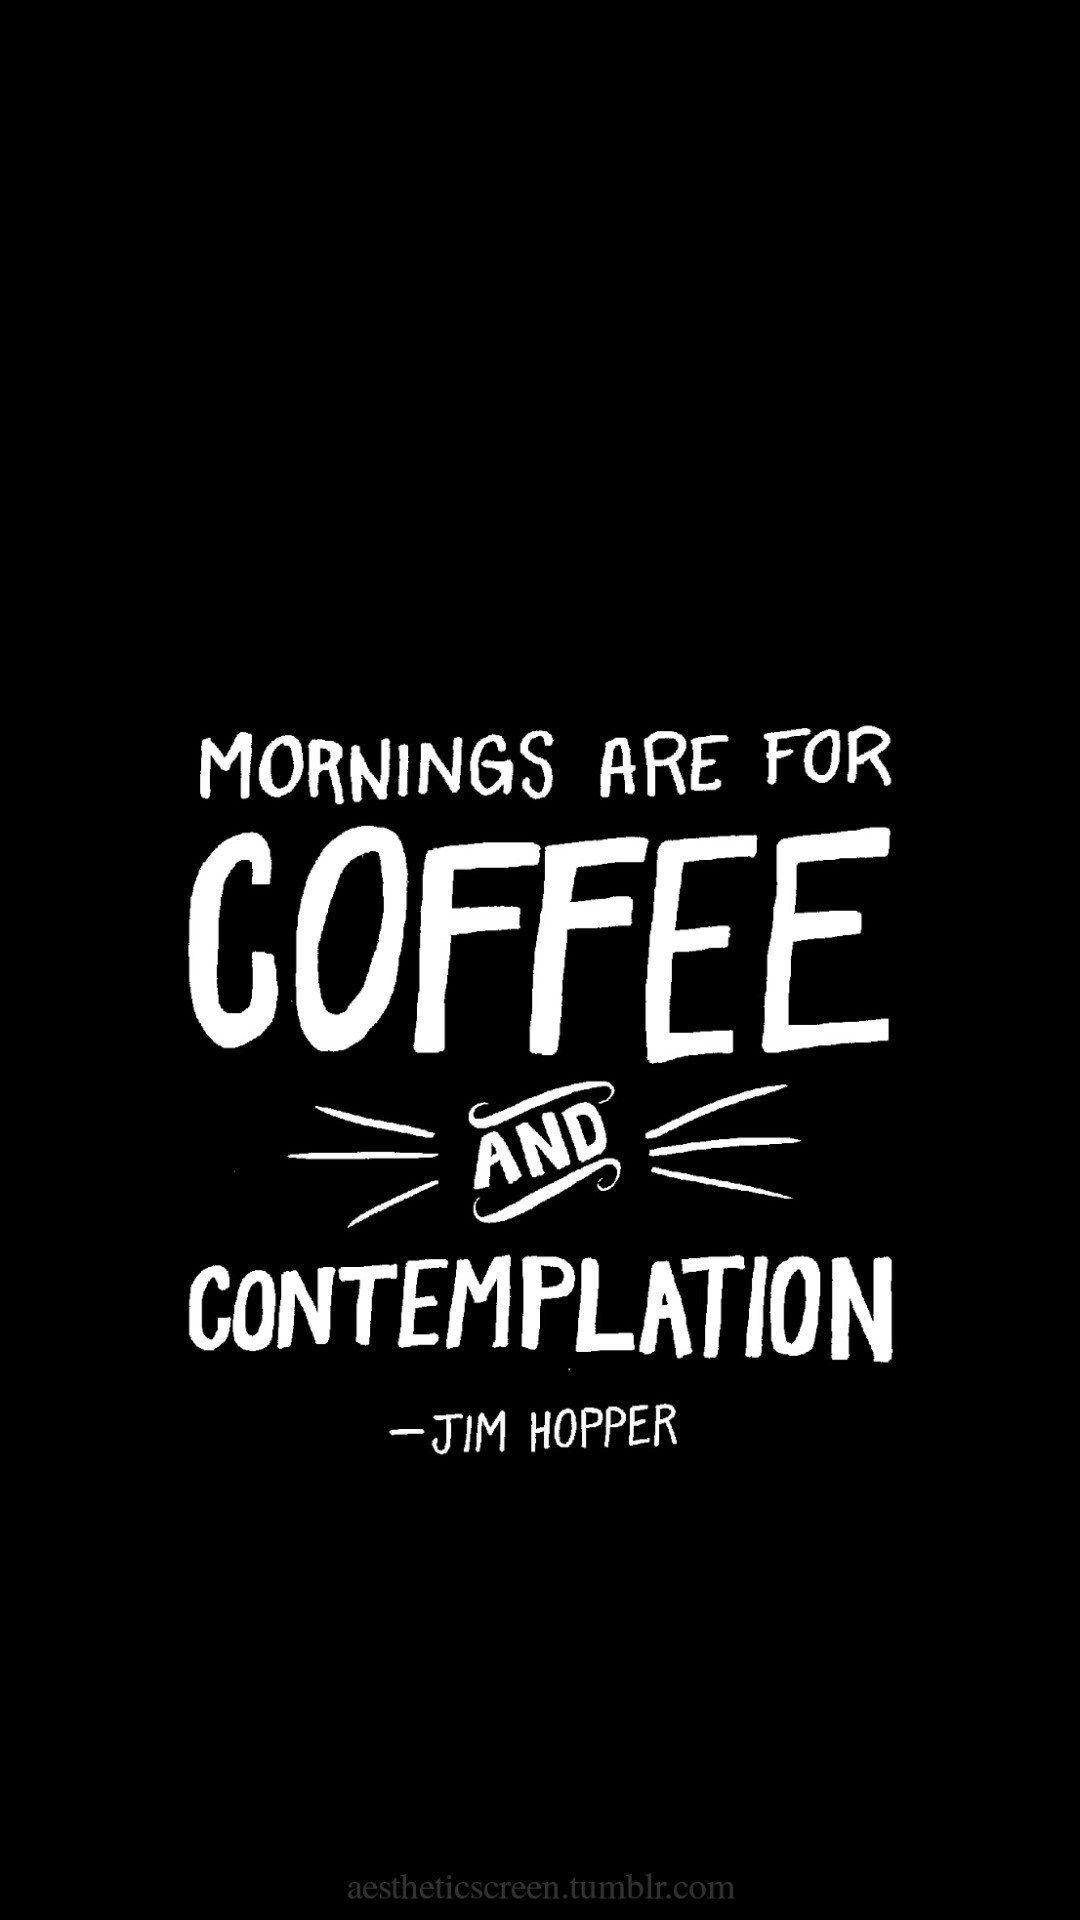 Jim Hopper Quote Stranger Things Wallpaper Wallpaper